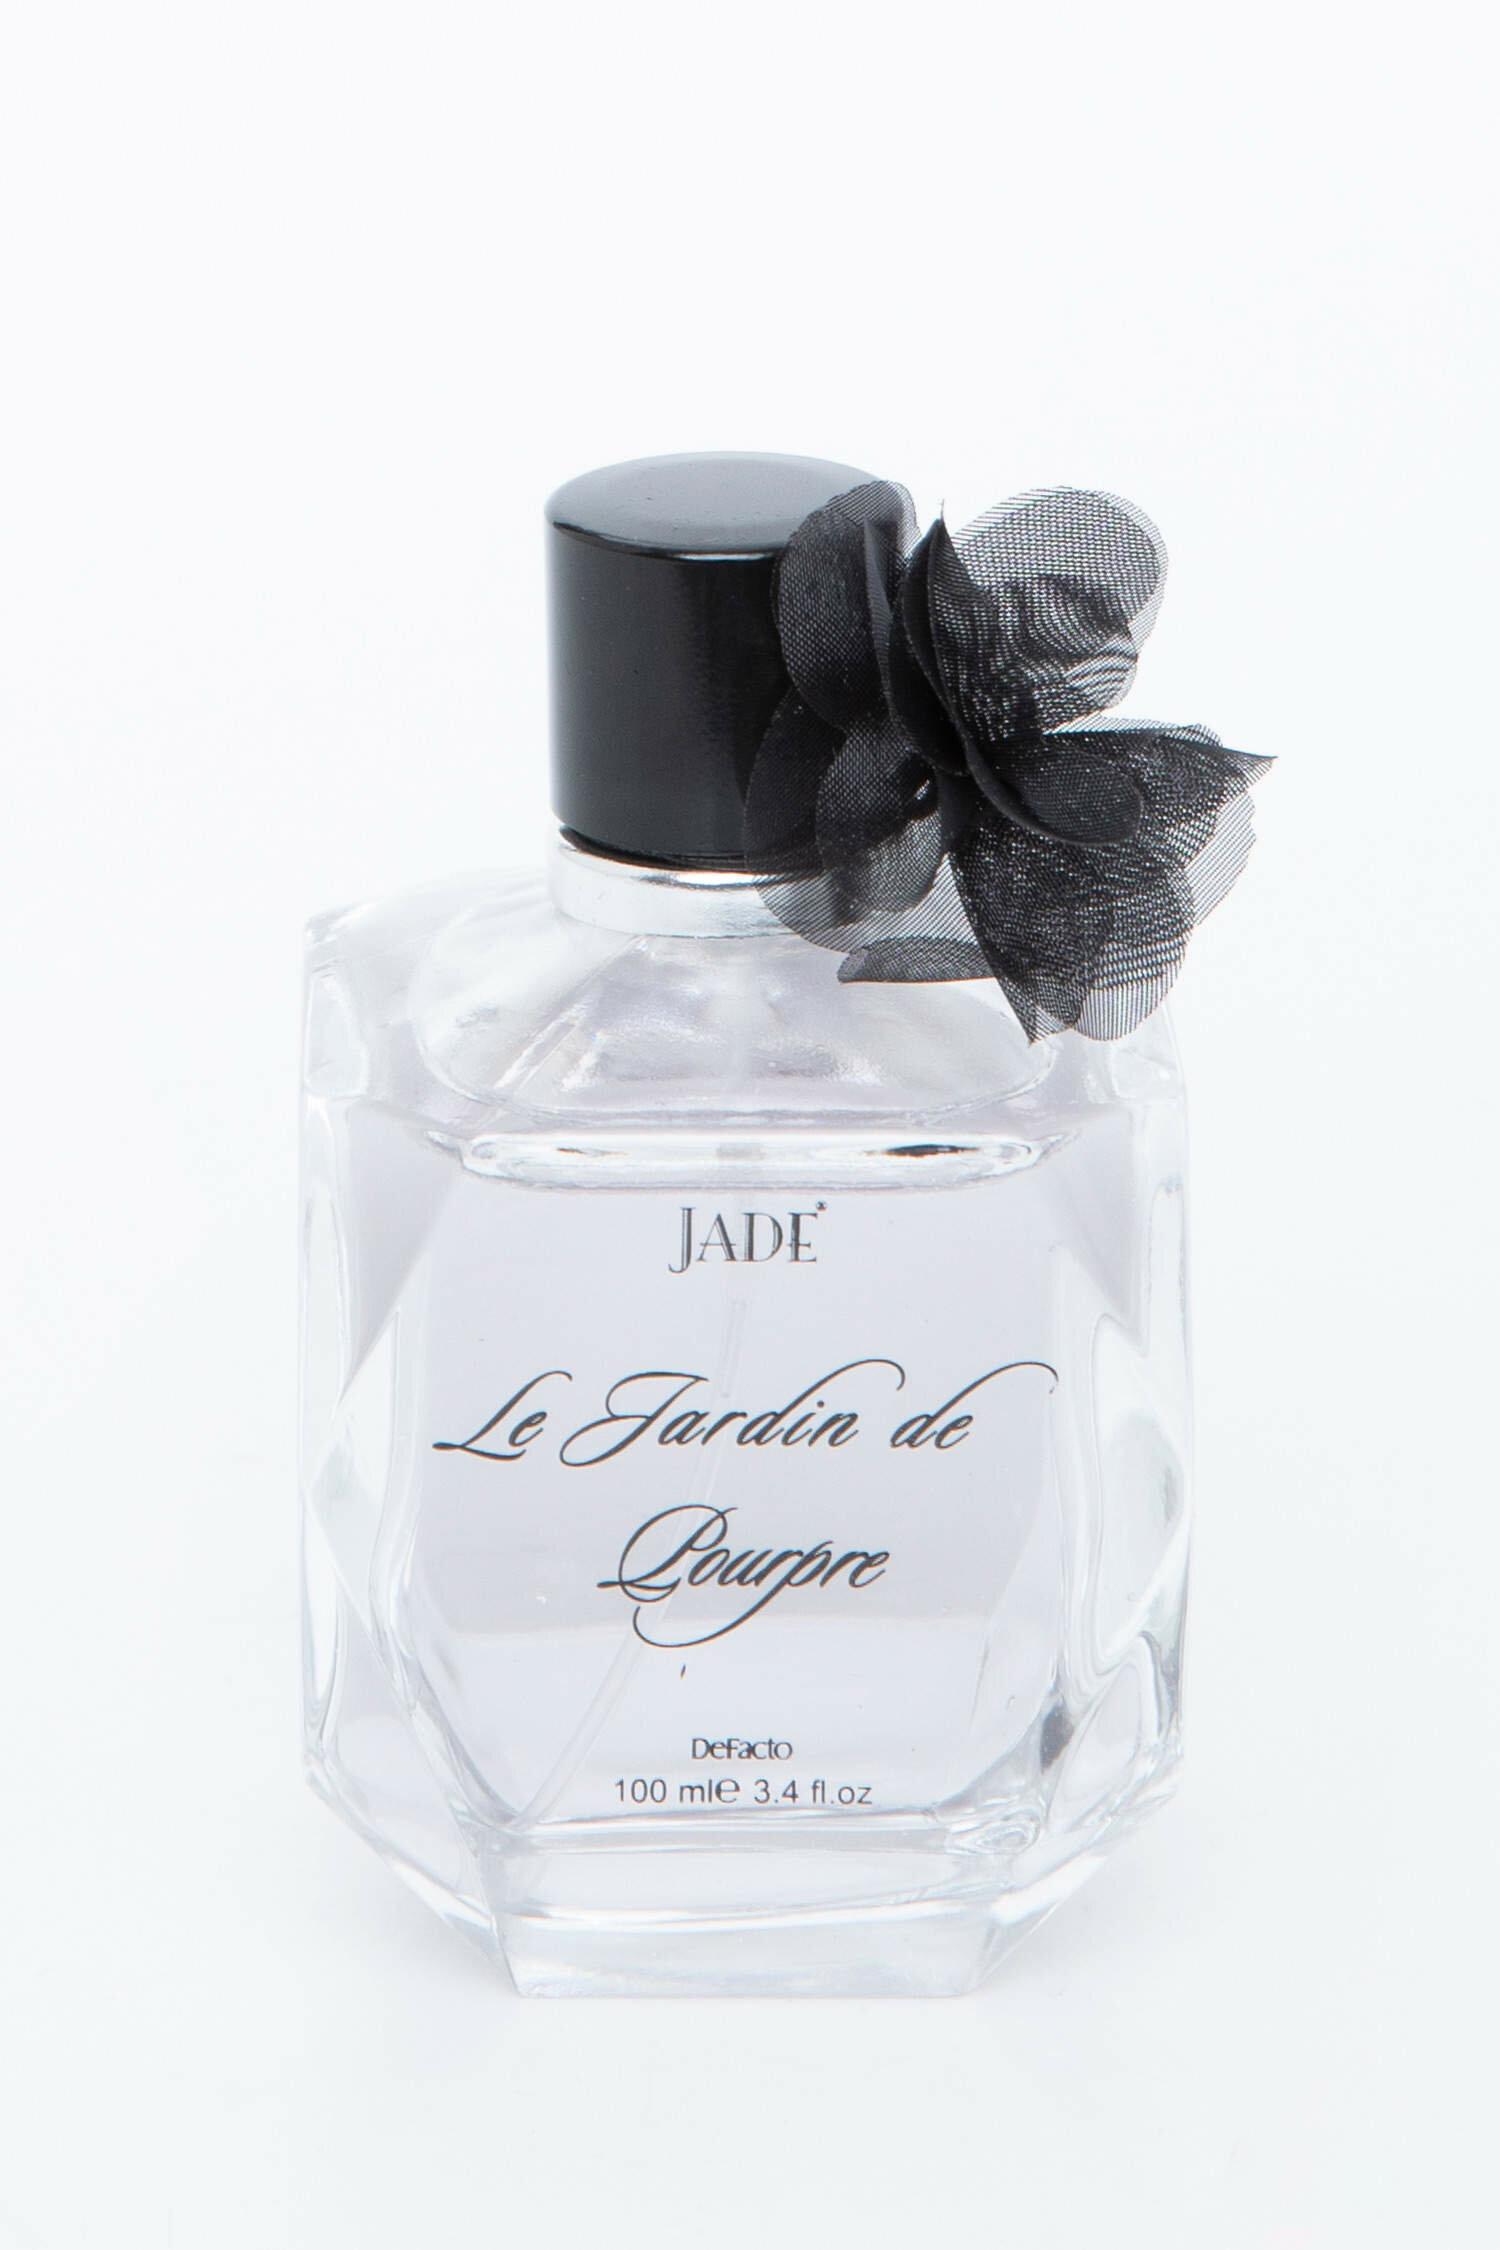 Jade Le Jardin De Rose 100 Ml Parfum concernant Salin De Jardin